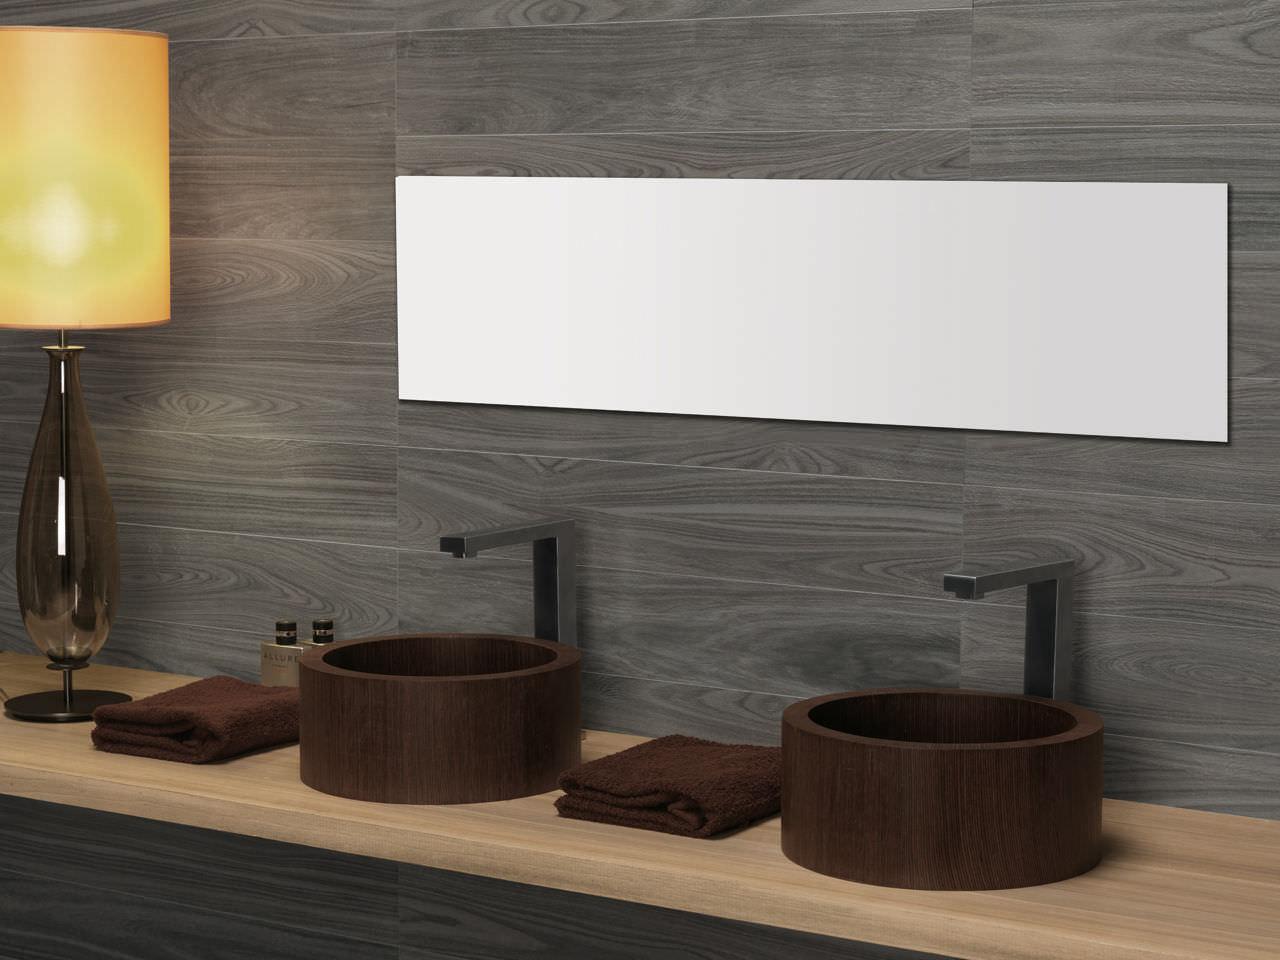 Come scegliere le piastrelle del bagno piastrelle bagno padova - Bagno senza rivestimento ...